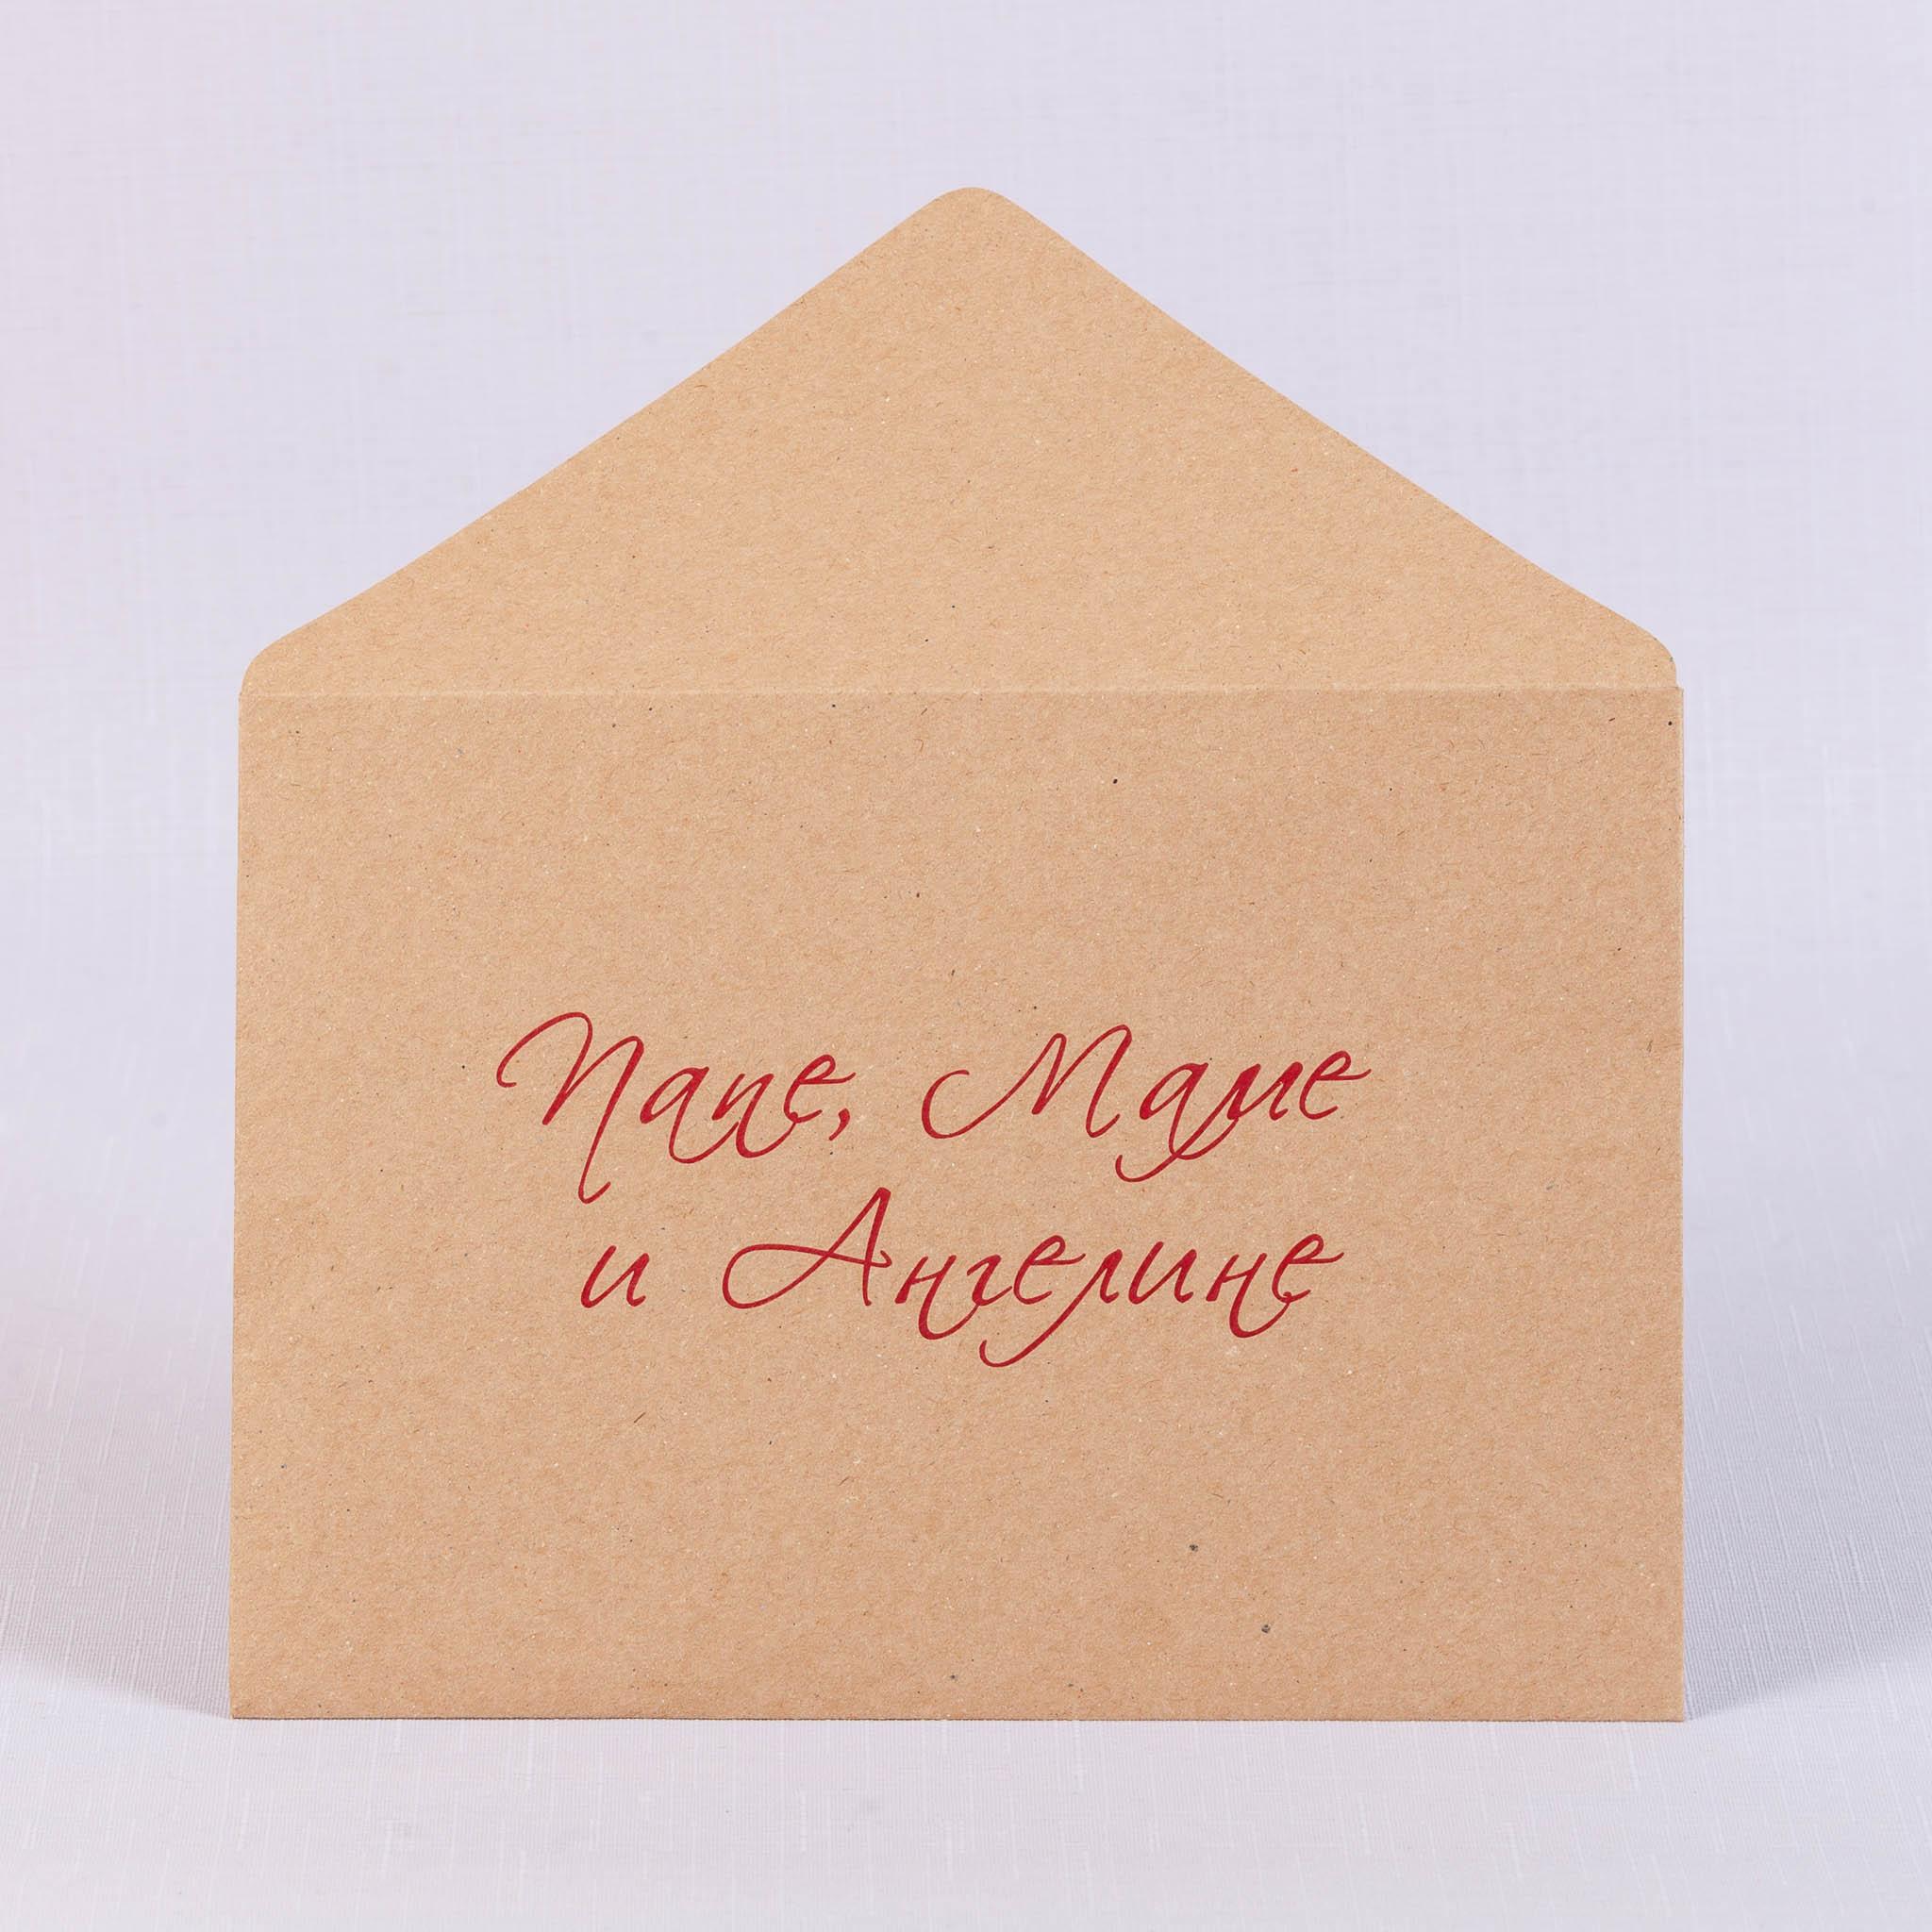 конверт из крафта с печатью имен на каждом конверте